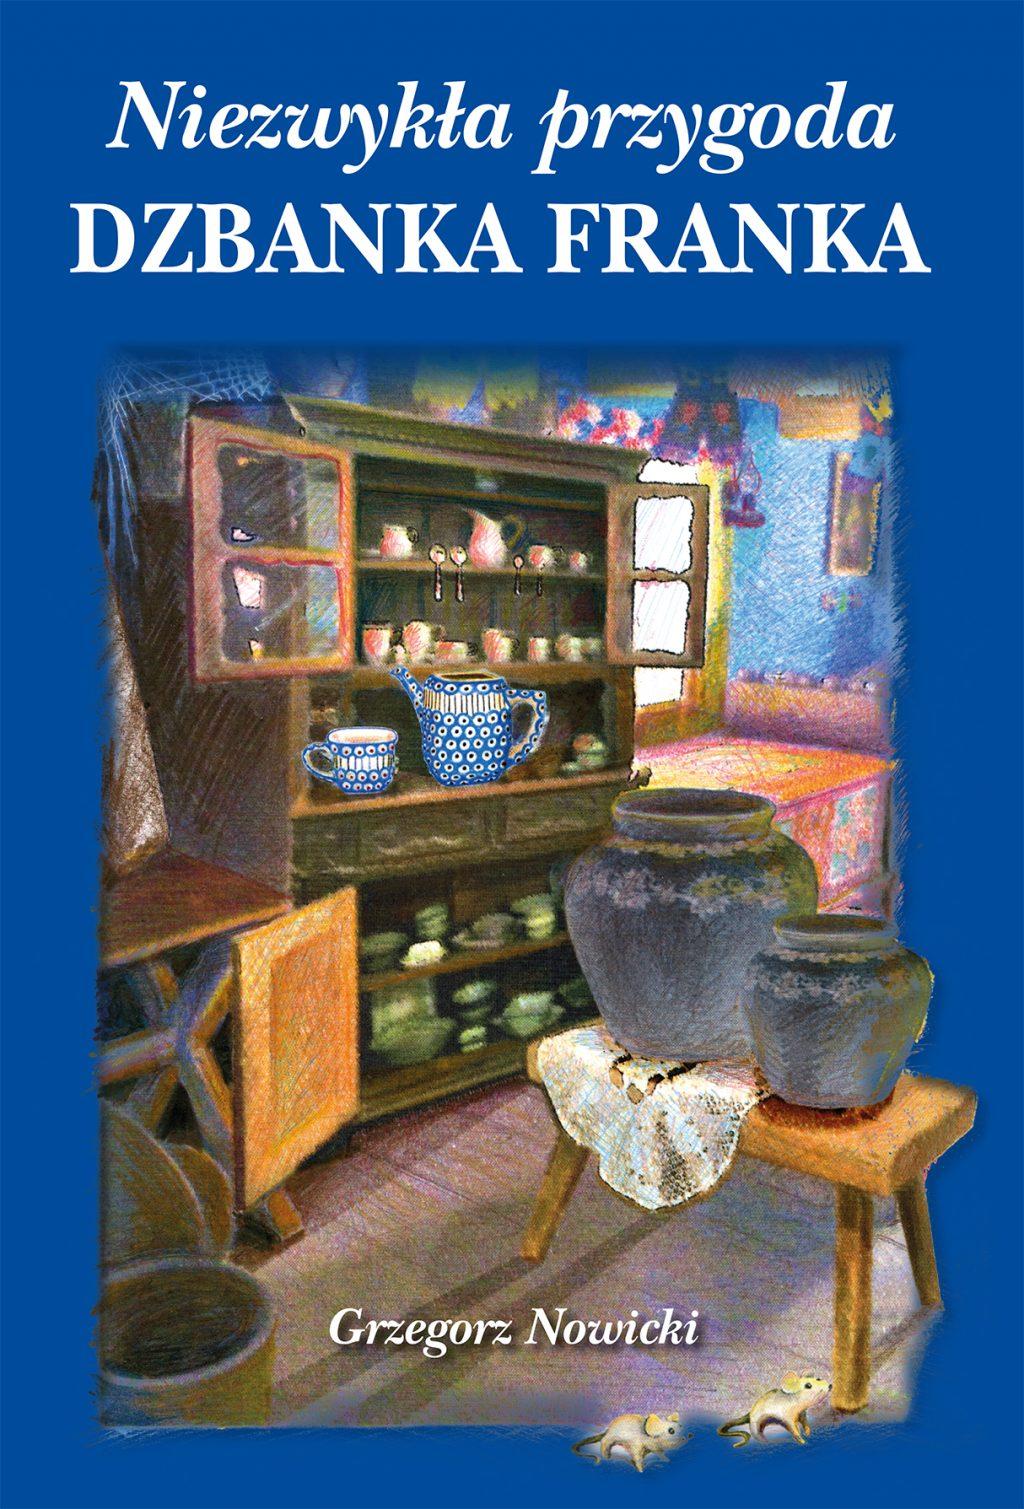 Niezwykła przygoda Dzbanka Franka